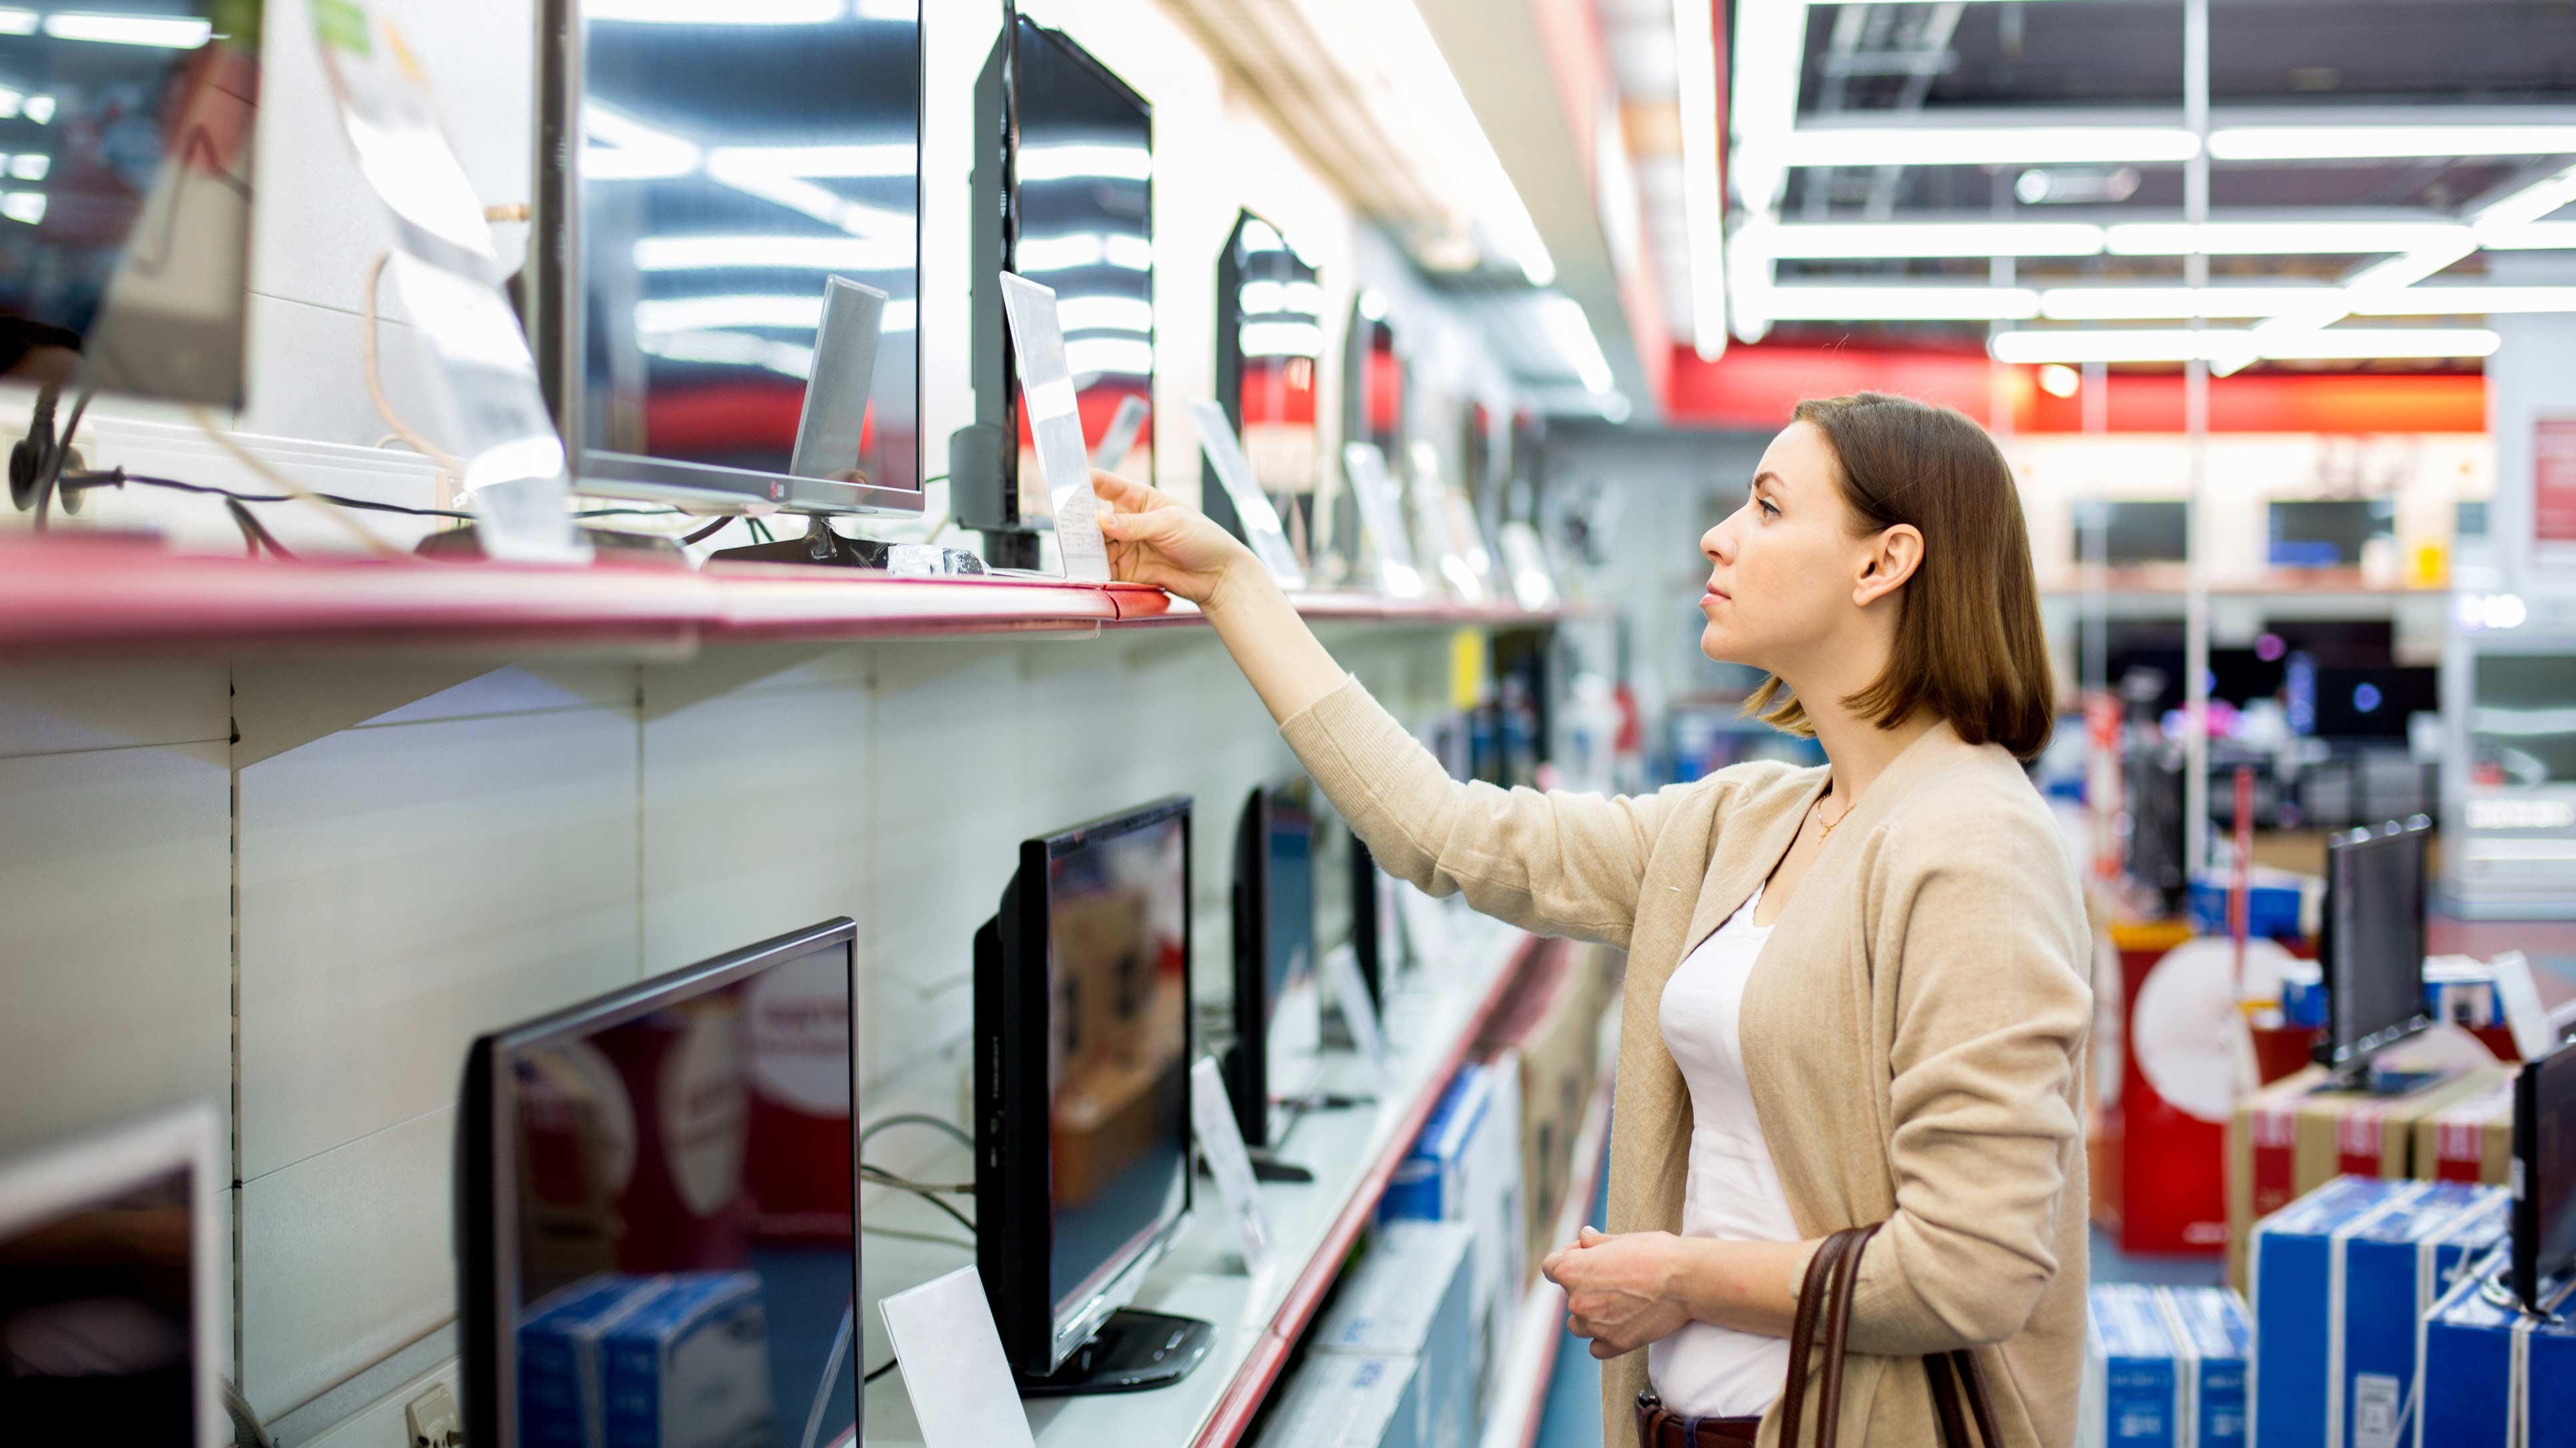 Las tiendas especialistas en electrodomésticos crecerán en una campaña navideña fría